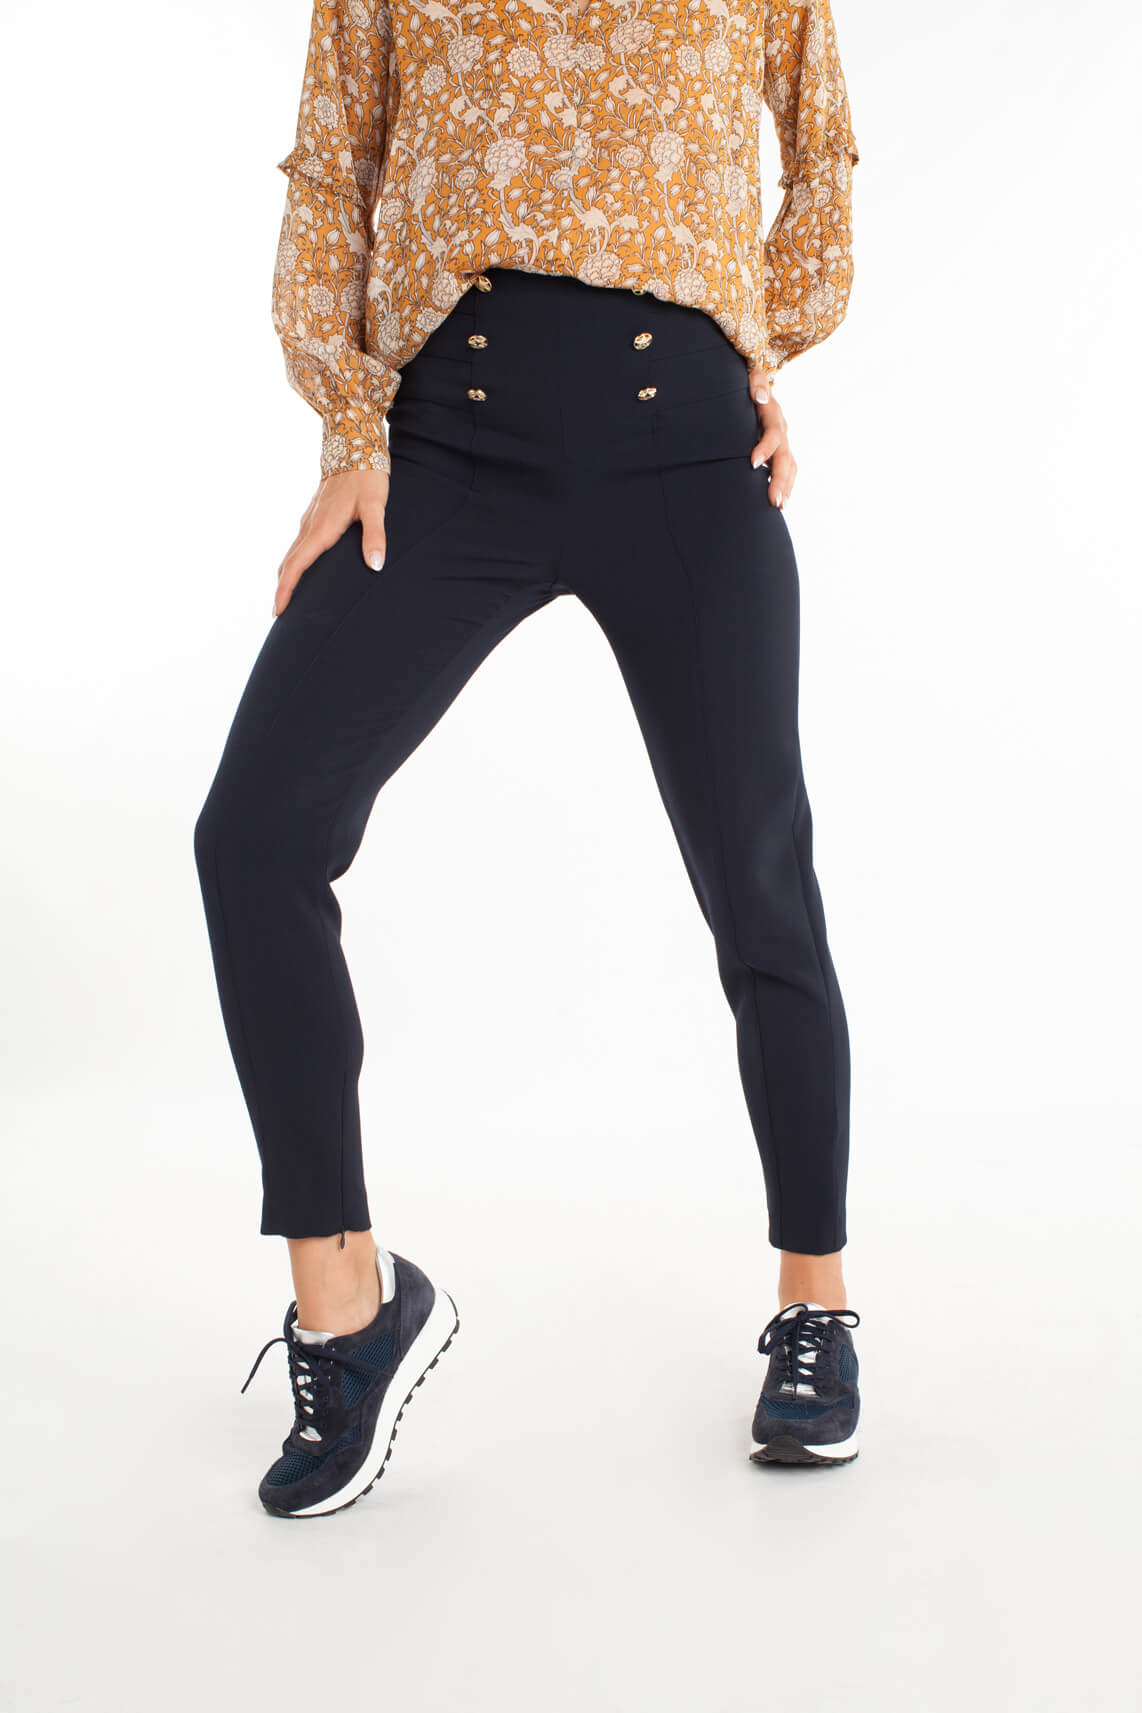 Kocca Dames Donb pantalon Blauw